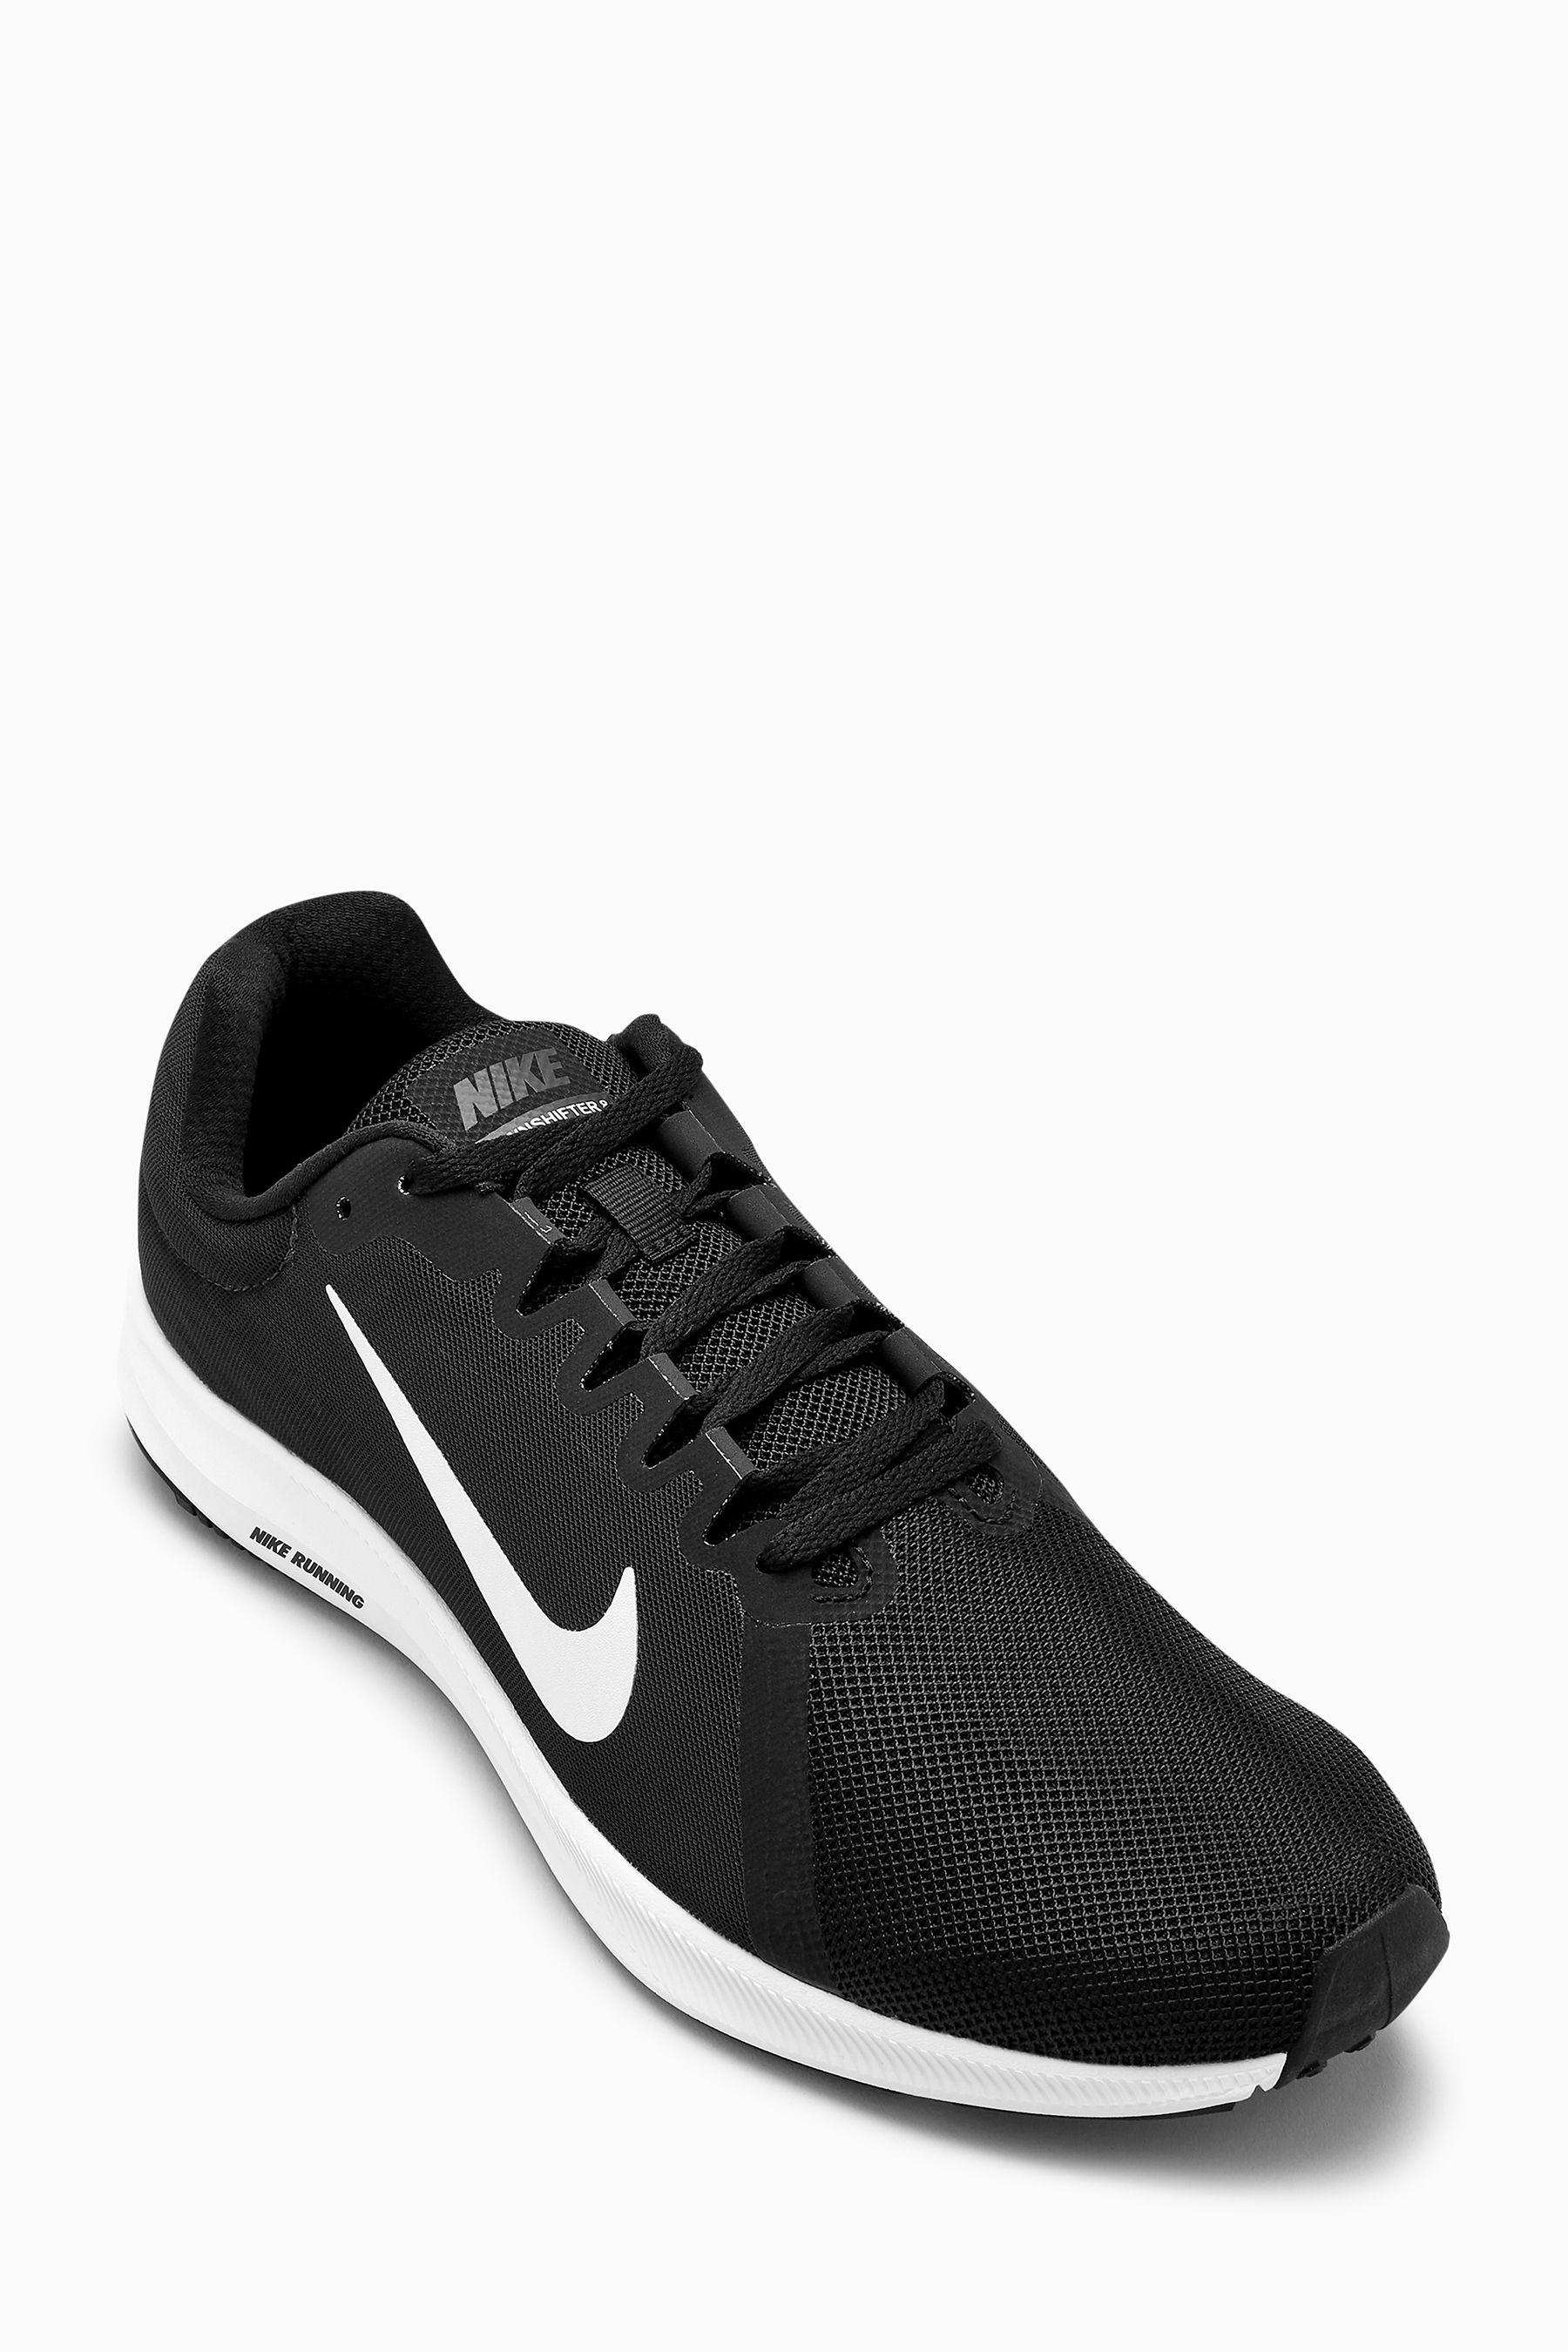 Womens nike trainers, Nike, Trainers